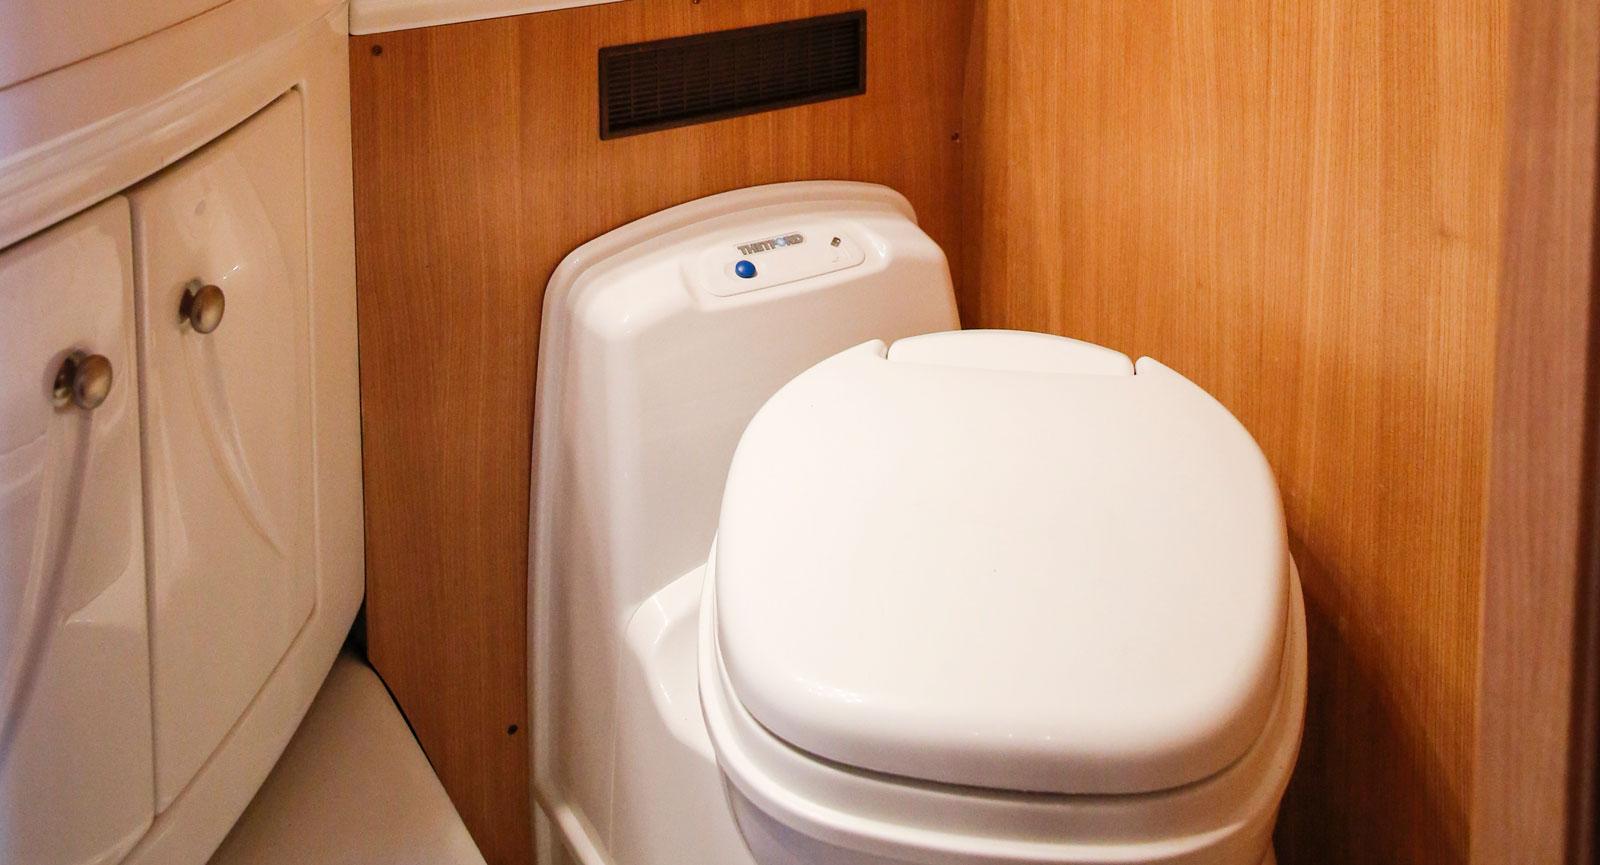 Överdelen på toastolen kan snurras för optimal sittvinkel.